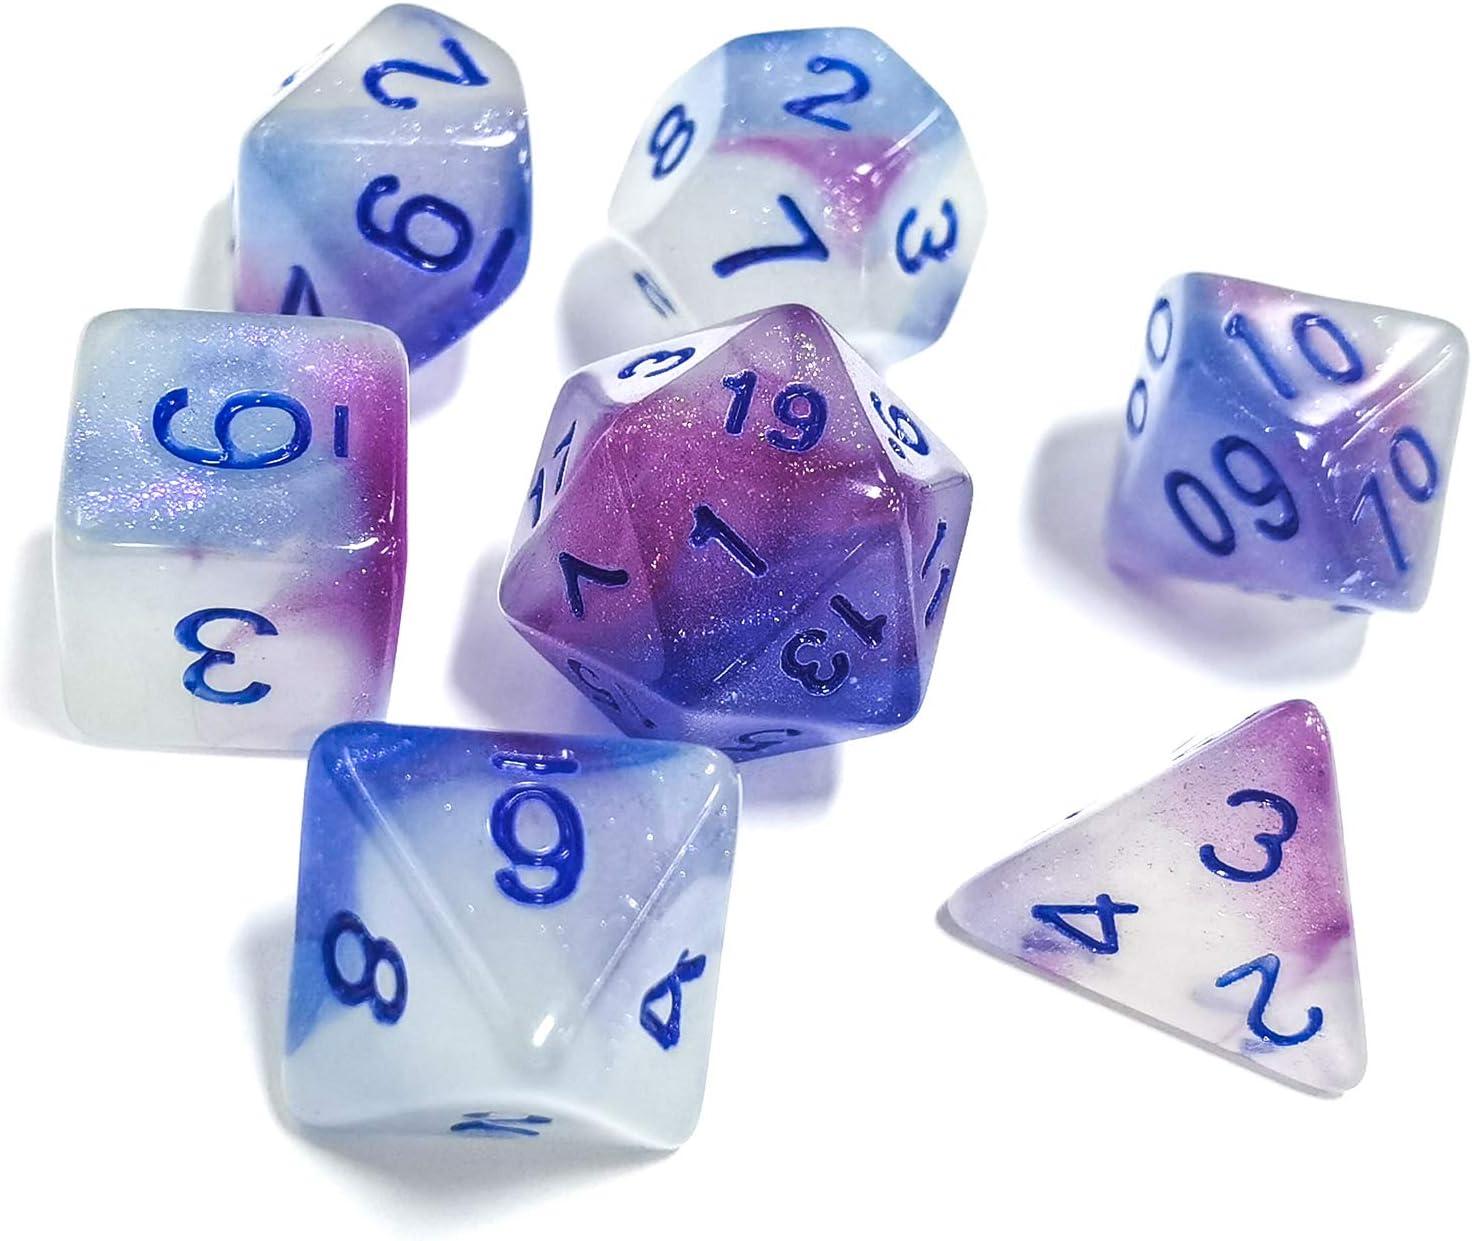 FLASHOWL DND Dice Set Luminoso Poliedrico Dice Set RPG Dice Set d4 d6 d8 d10 d12 d20 d/% per Dungeons e Dragons 7 Pezzi Set di dadi di gioco